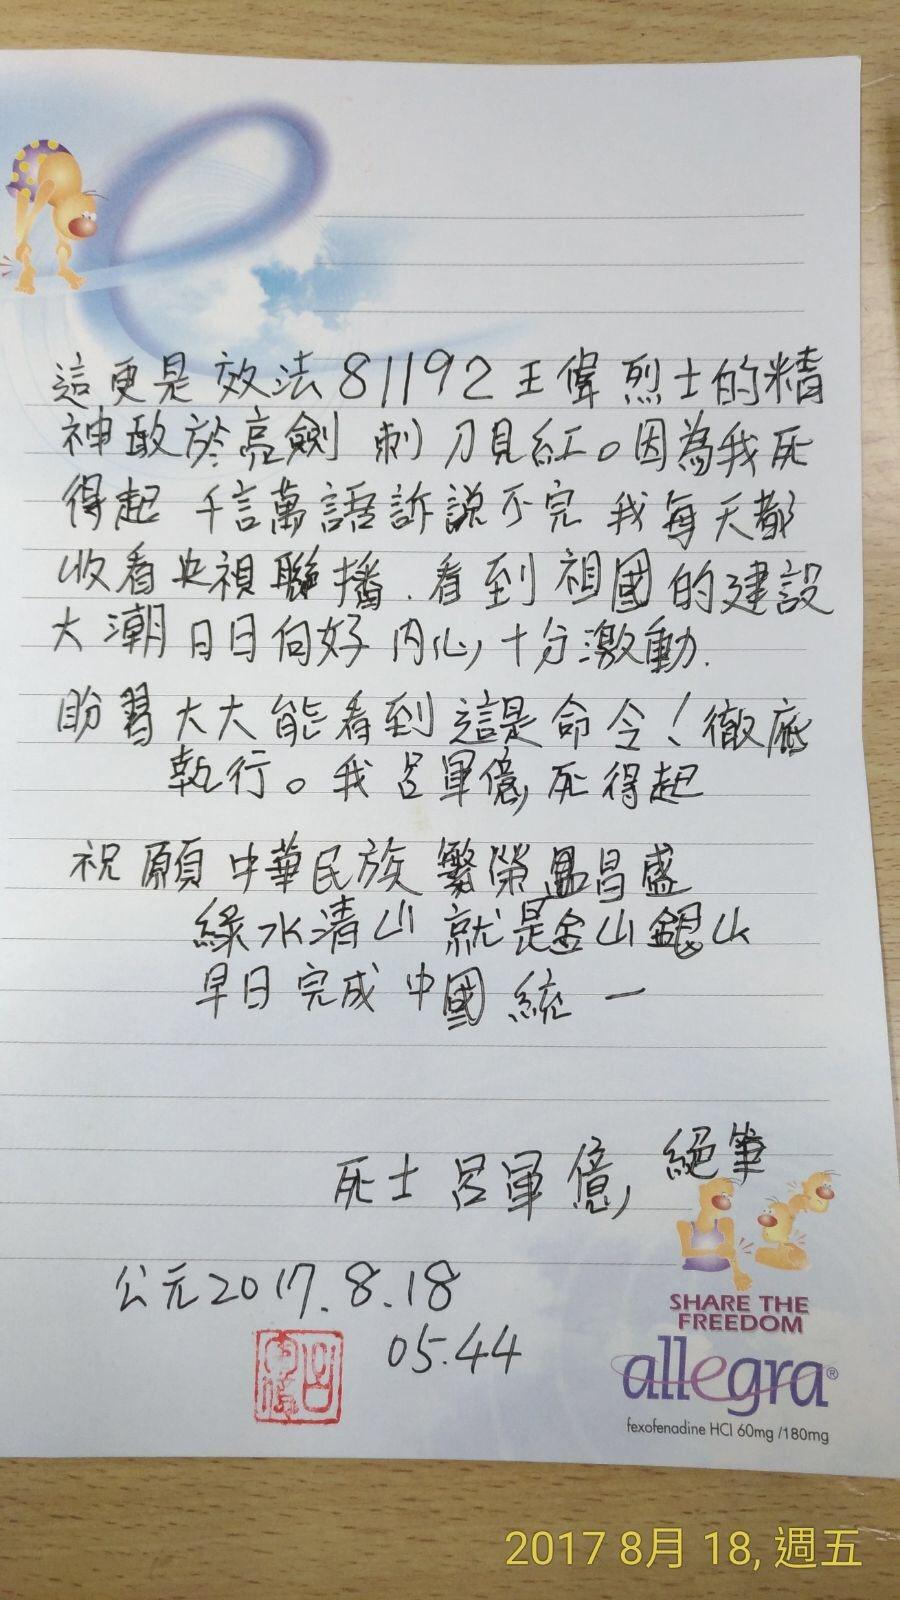 偷刀砍總統府憲兵 呂軍億留遺書:早日完成中國統一